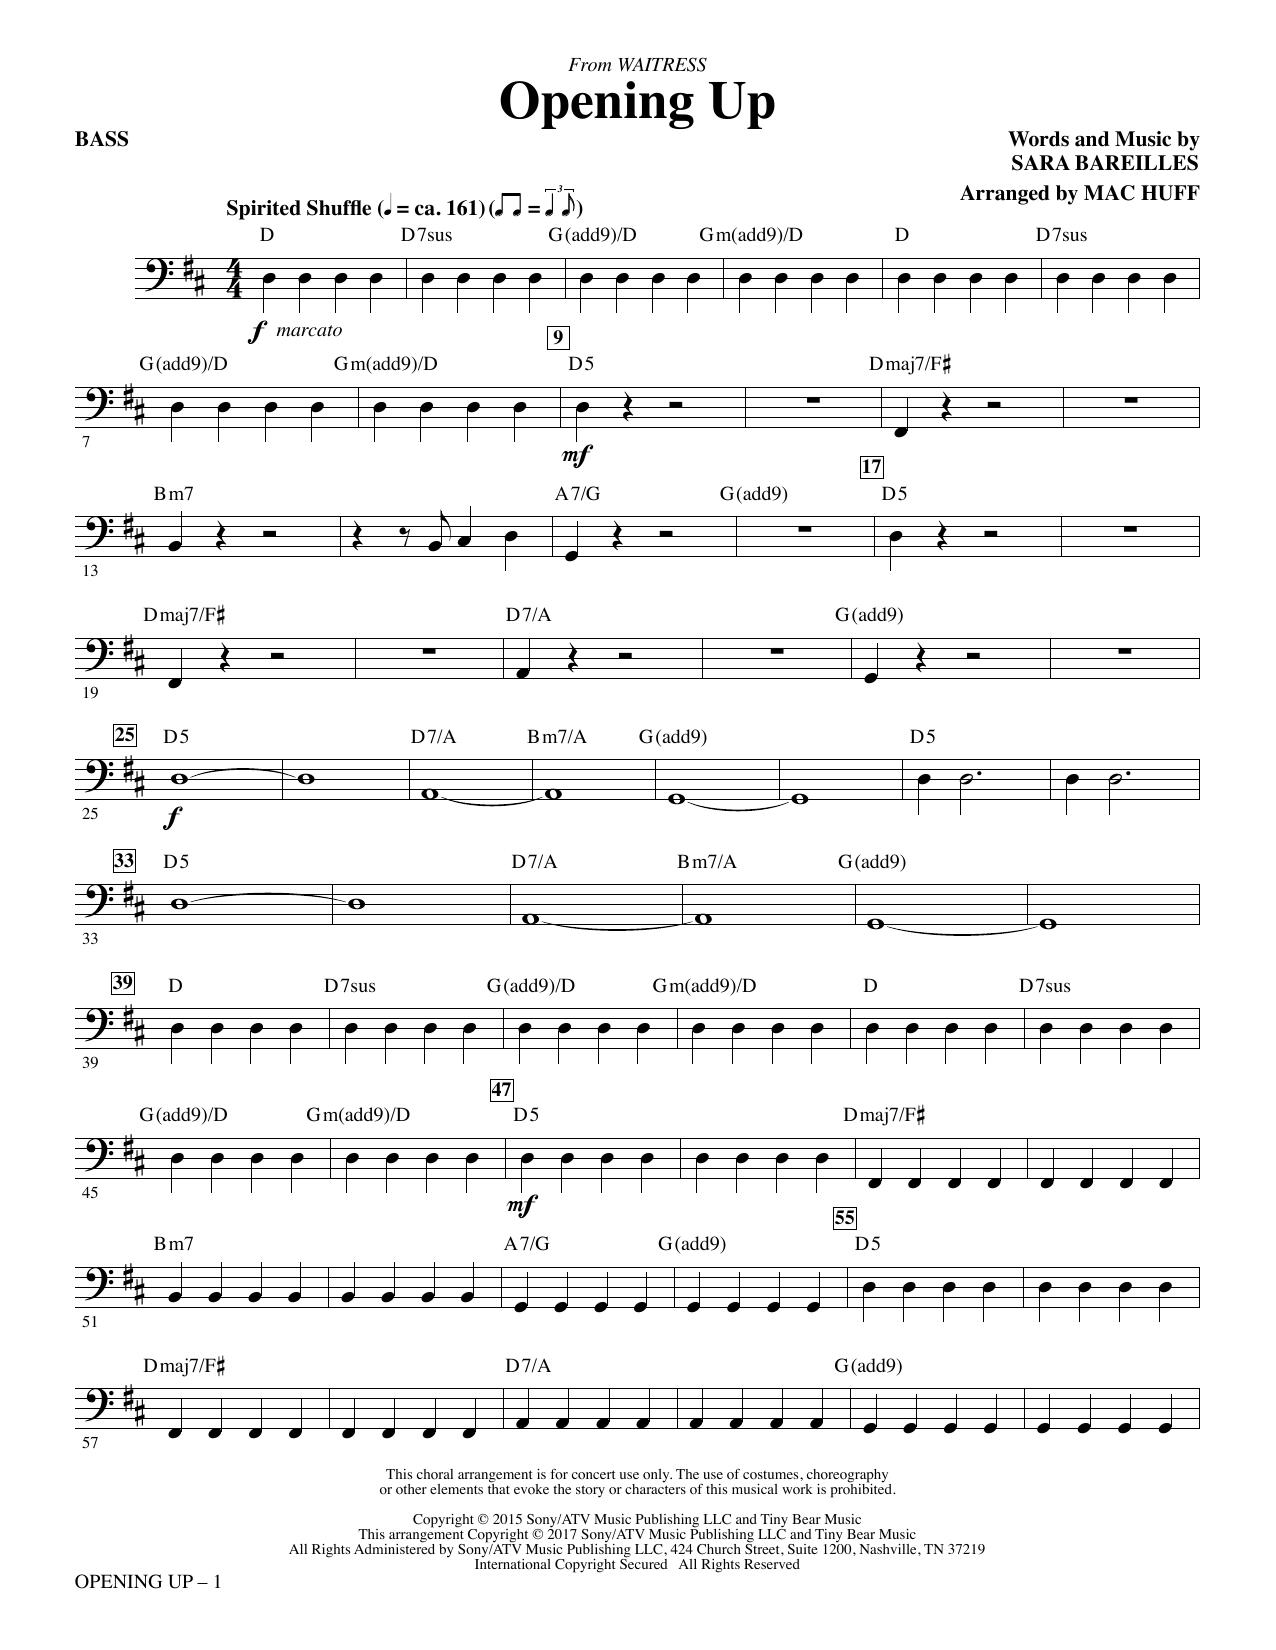 Opening Up (from Waitress The Musical) (arr. Mac Huff) - Bass Sheet Music